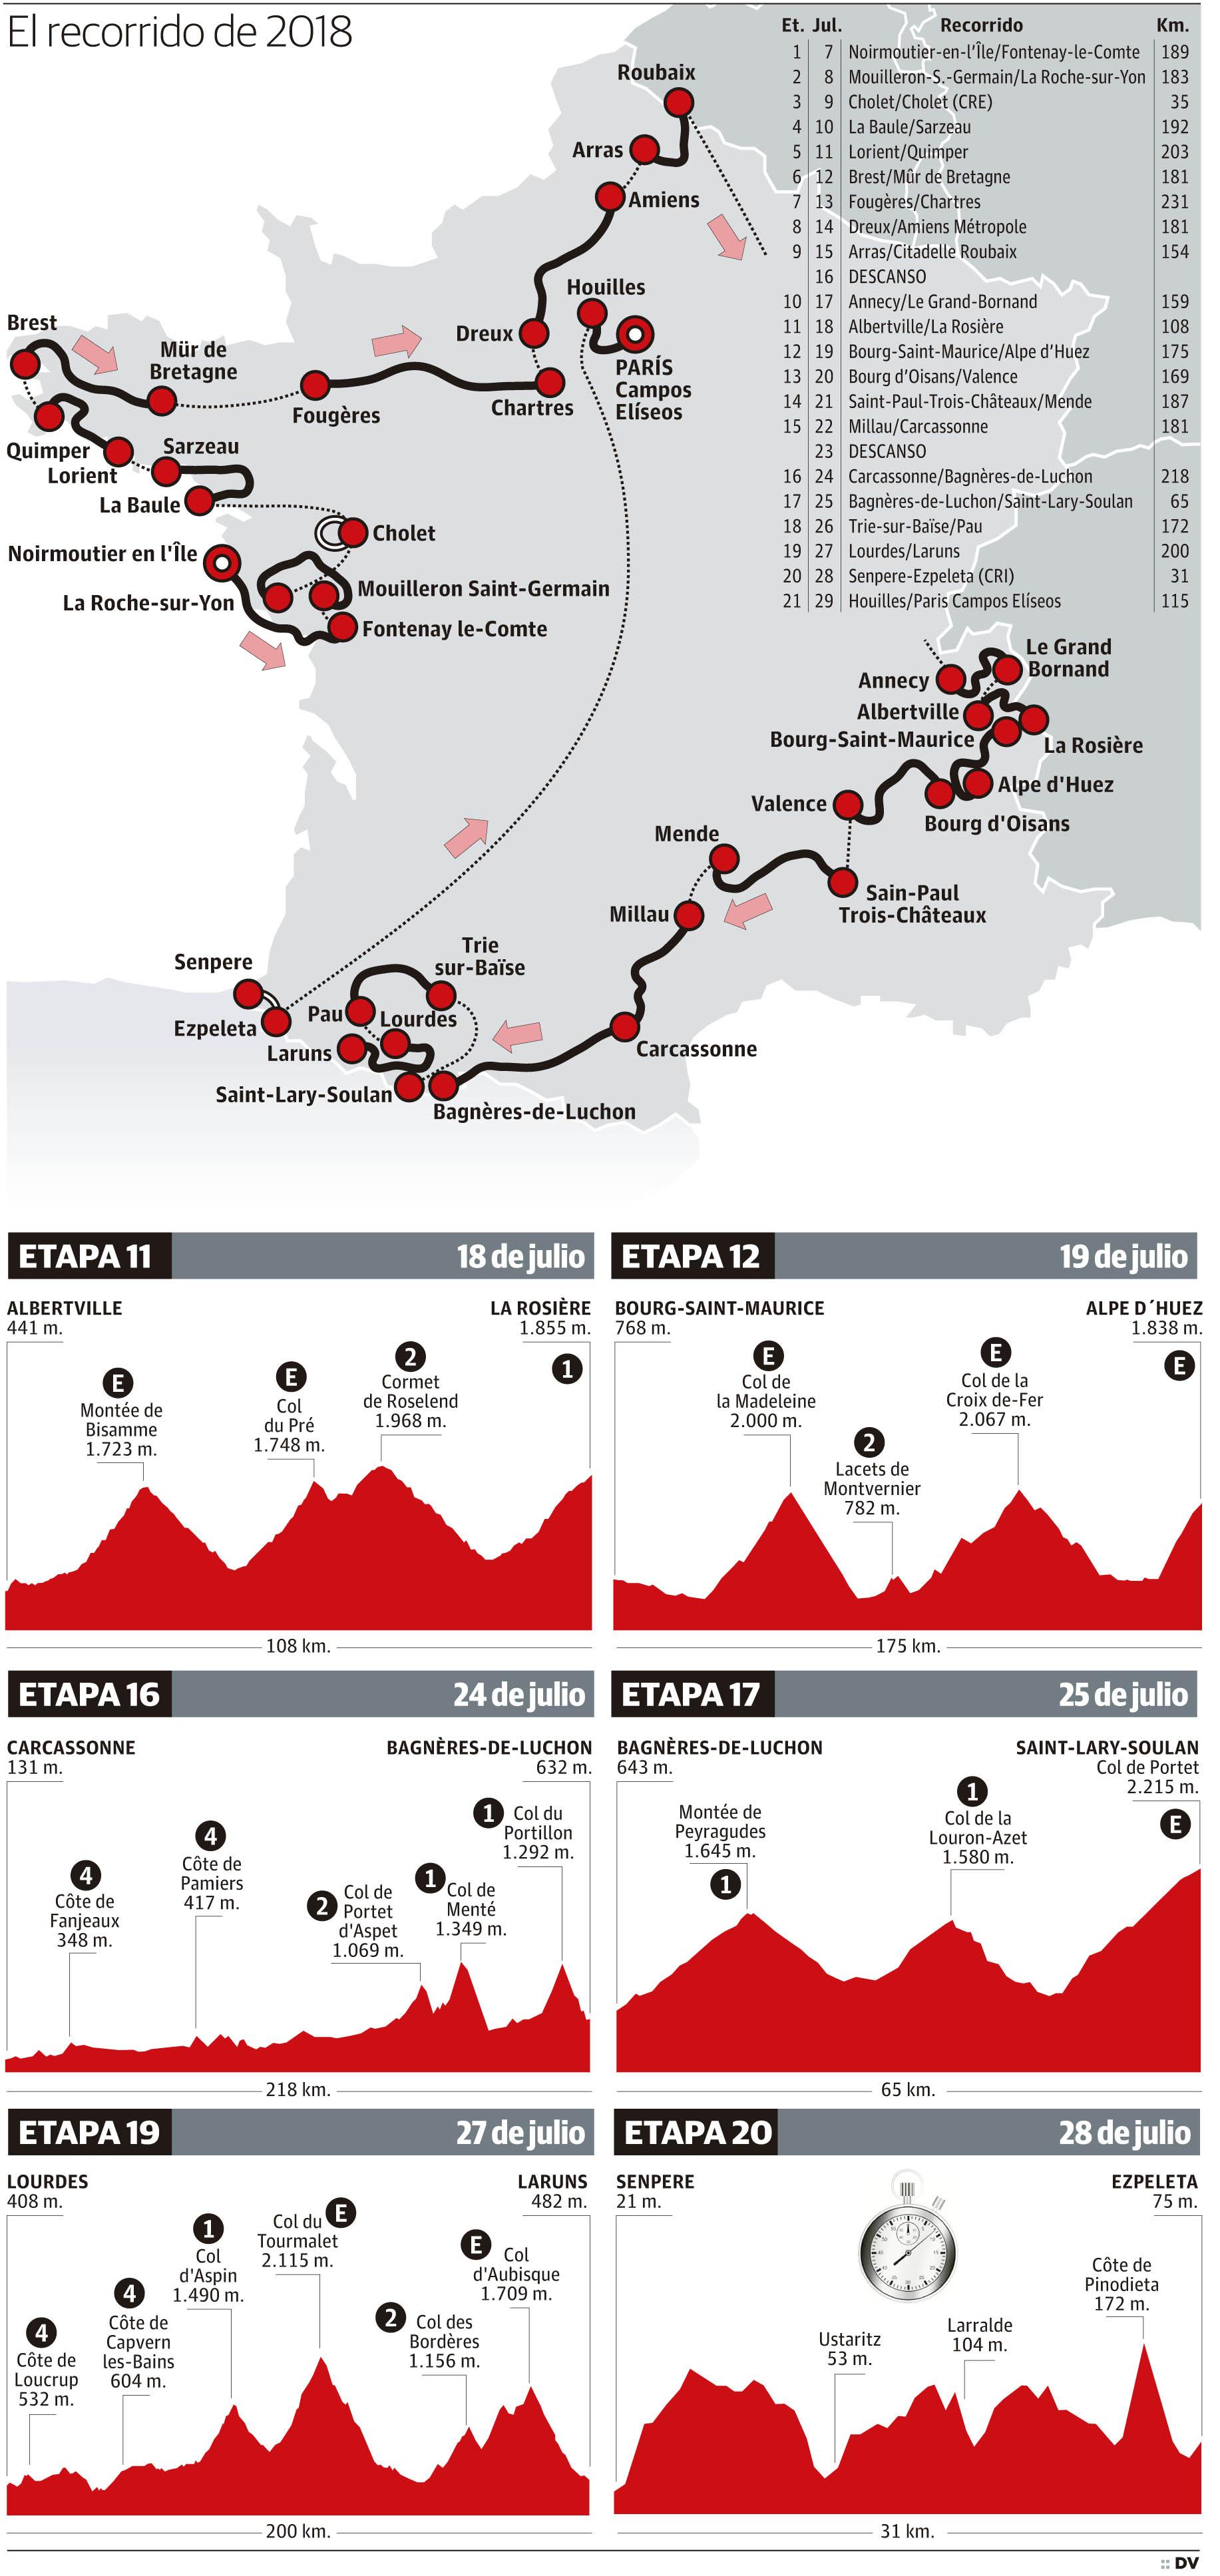 El recorrido del Tour de Francia 2018